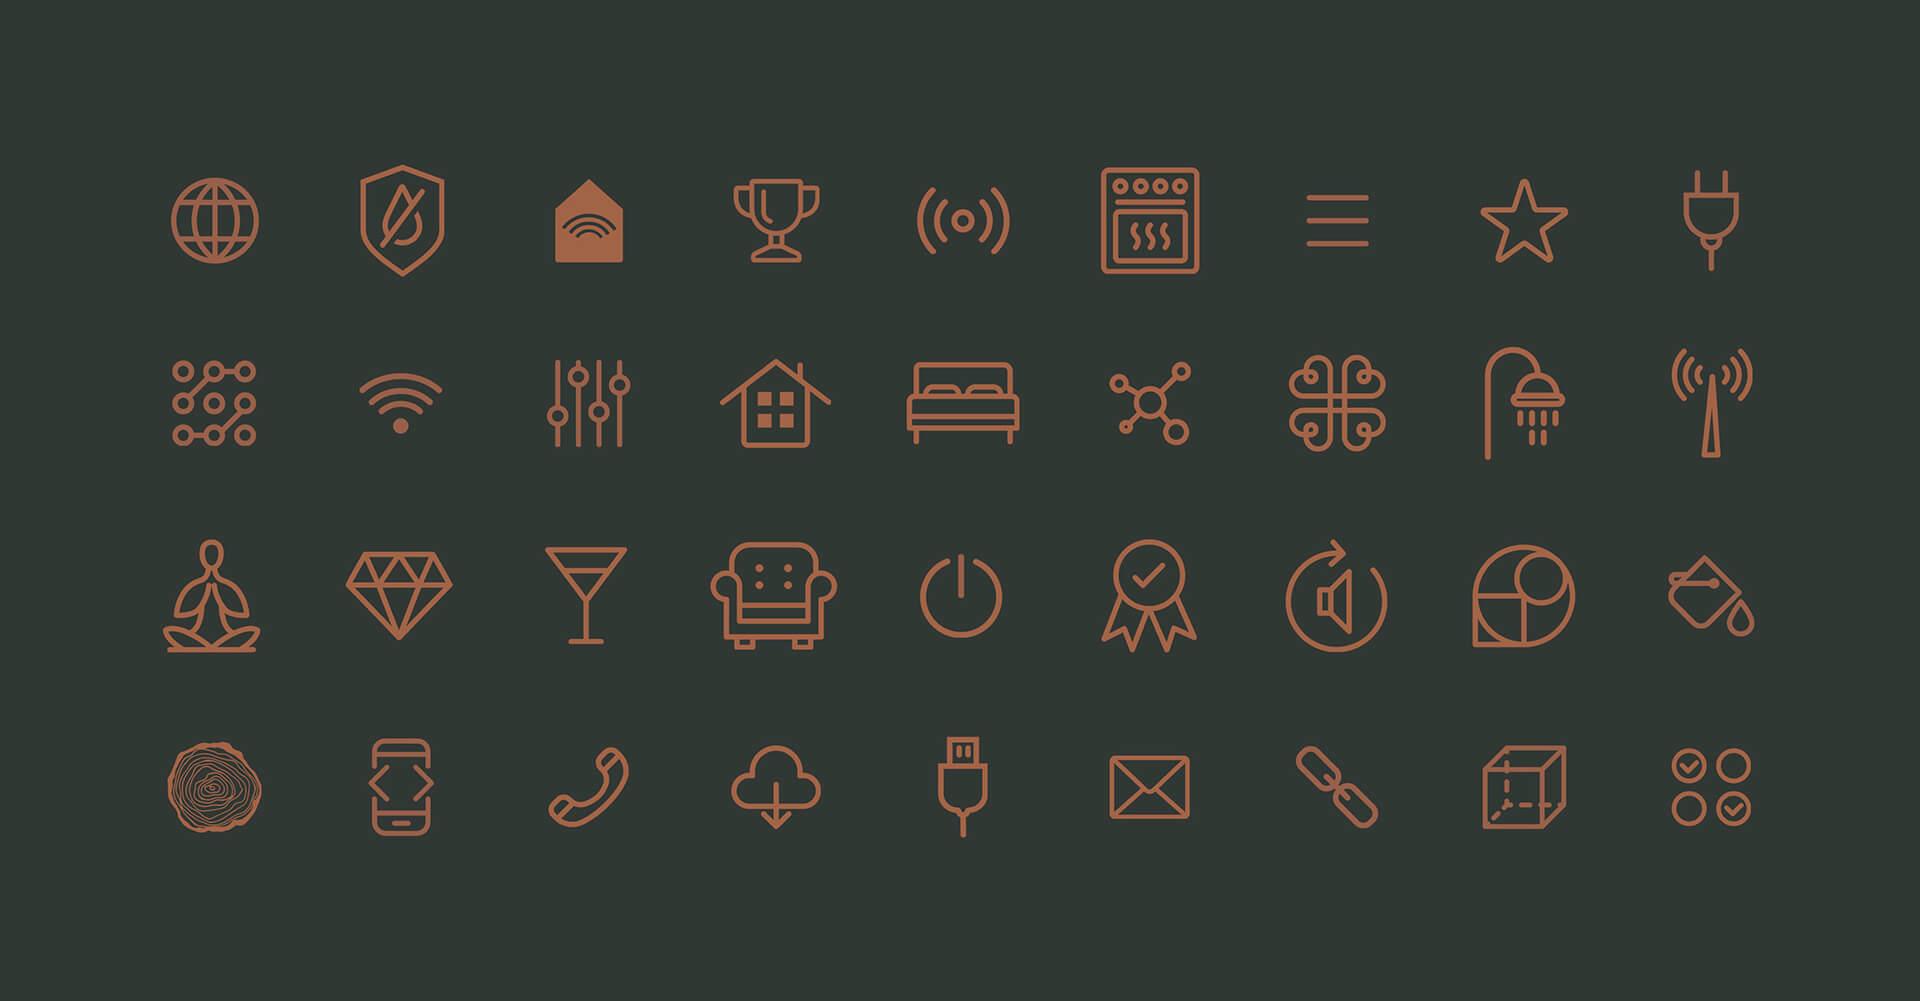 Iconset der VIAl Kreativagentur für Sonoro